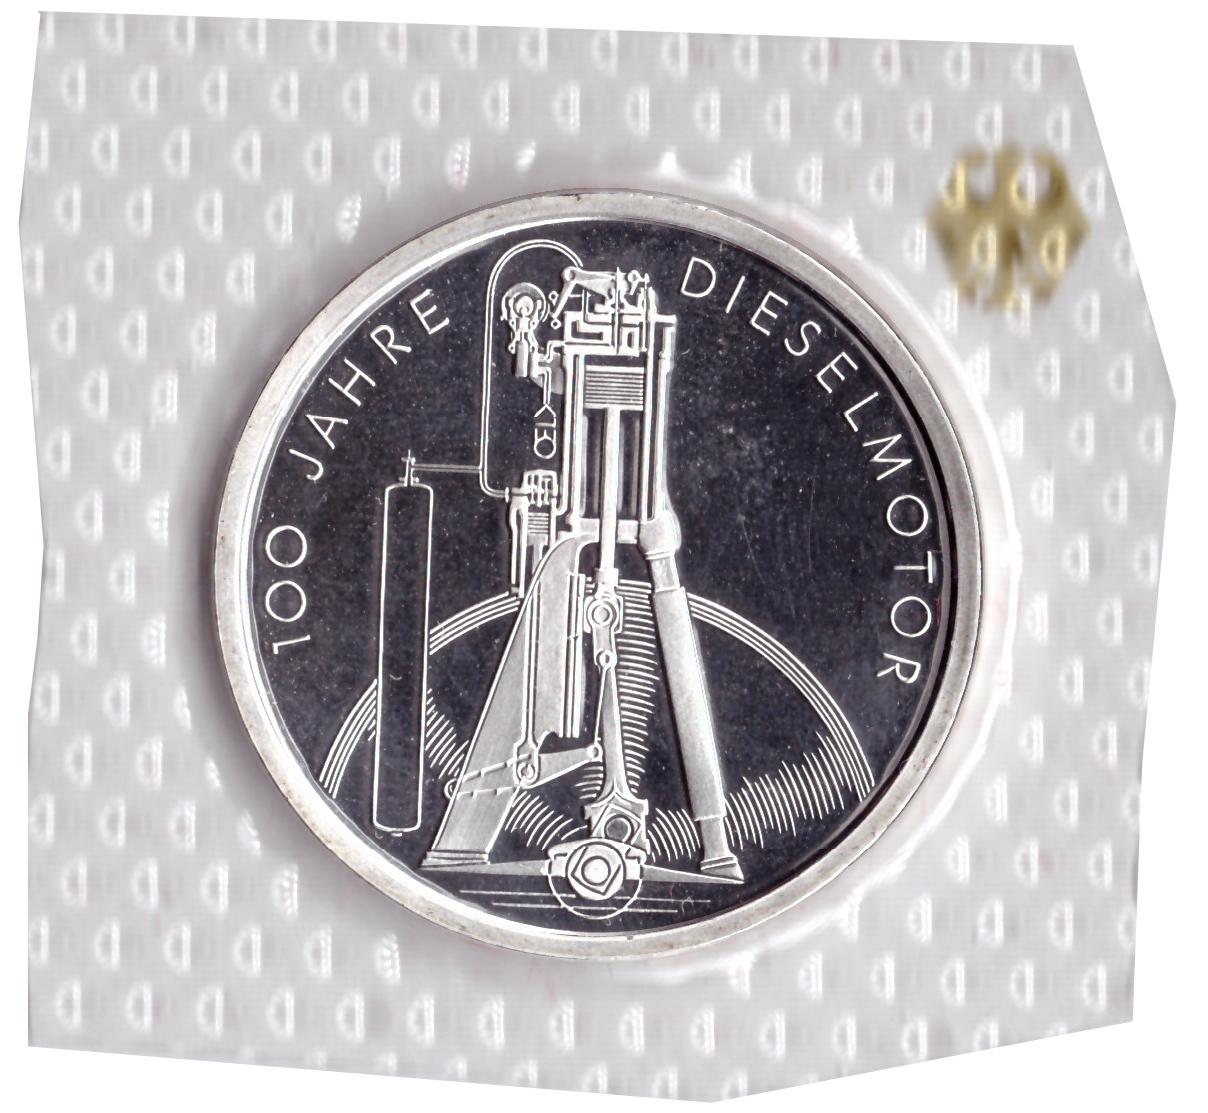 10 марок 1997 год (J) 100 лет дизельному двигателю, Германия. PROOF в родной запайке